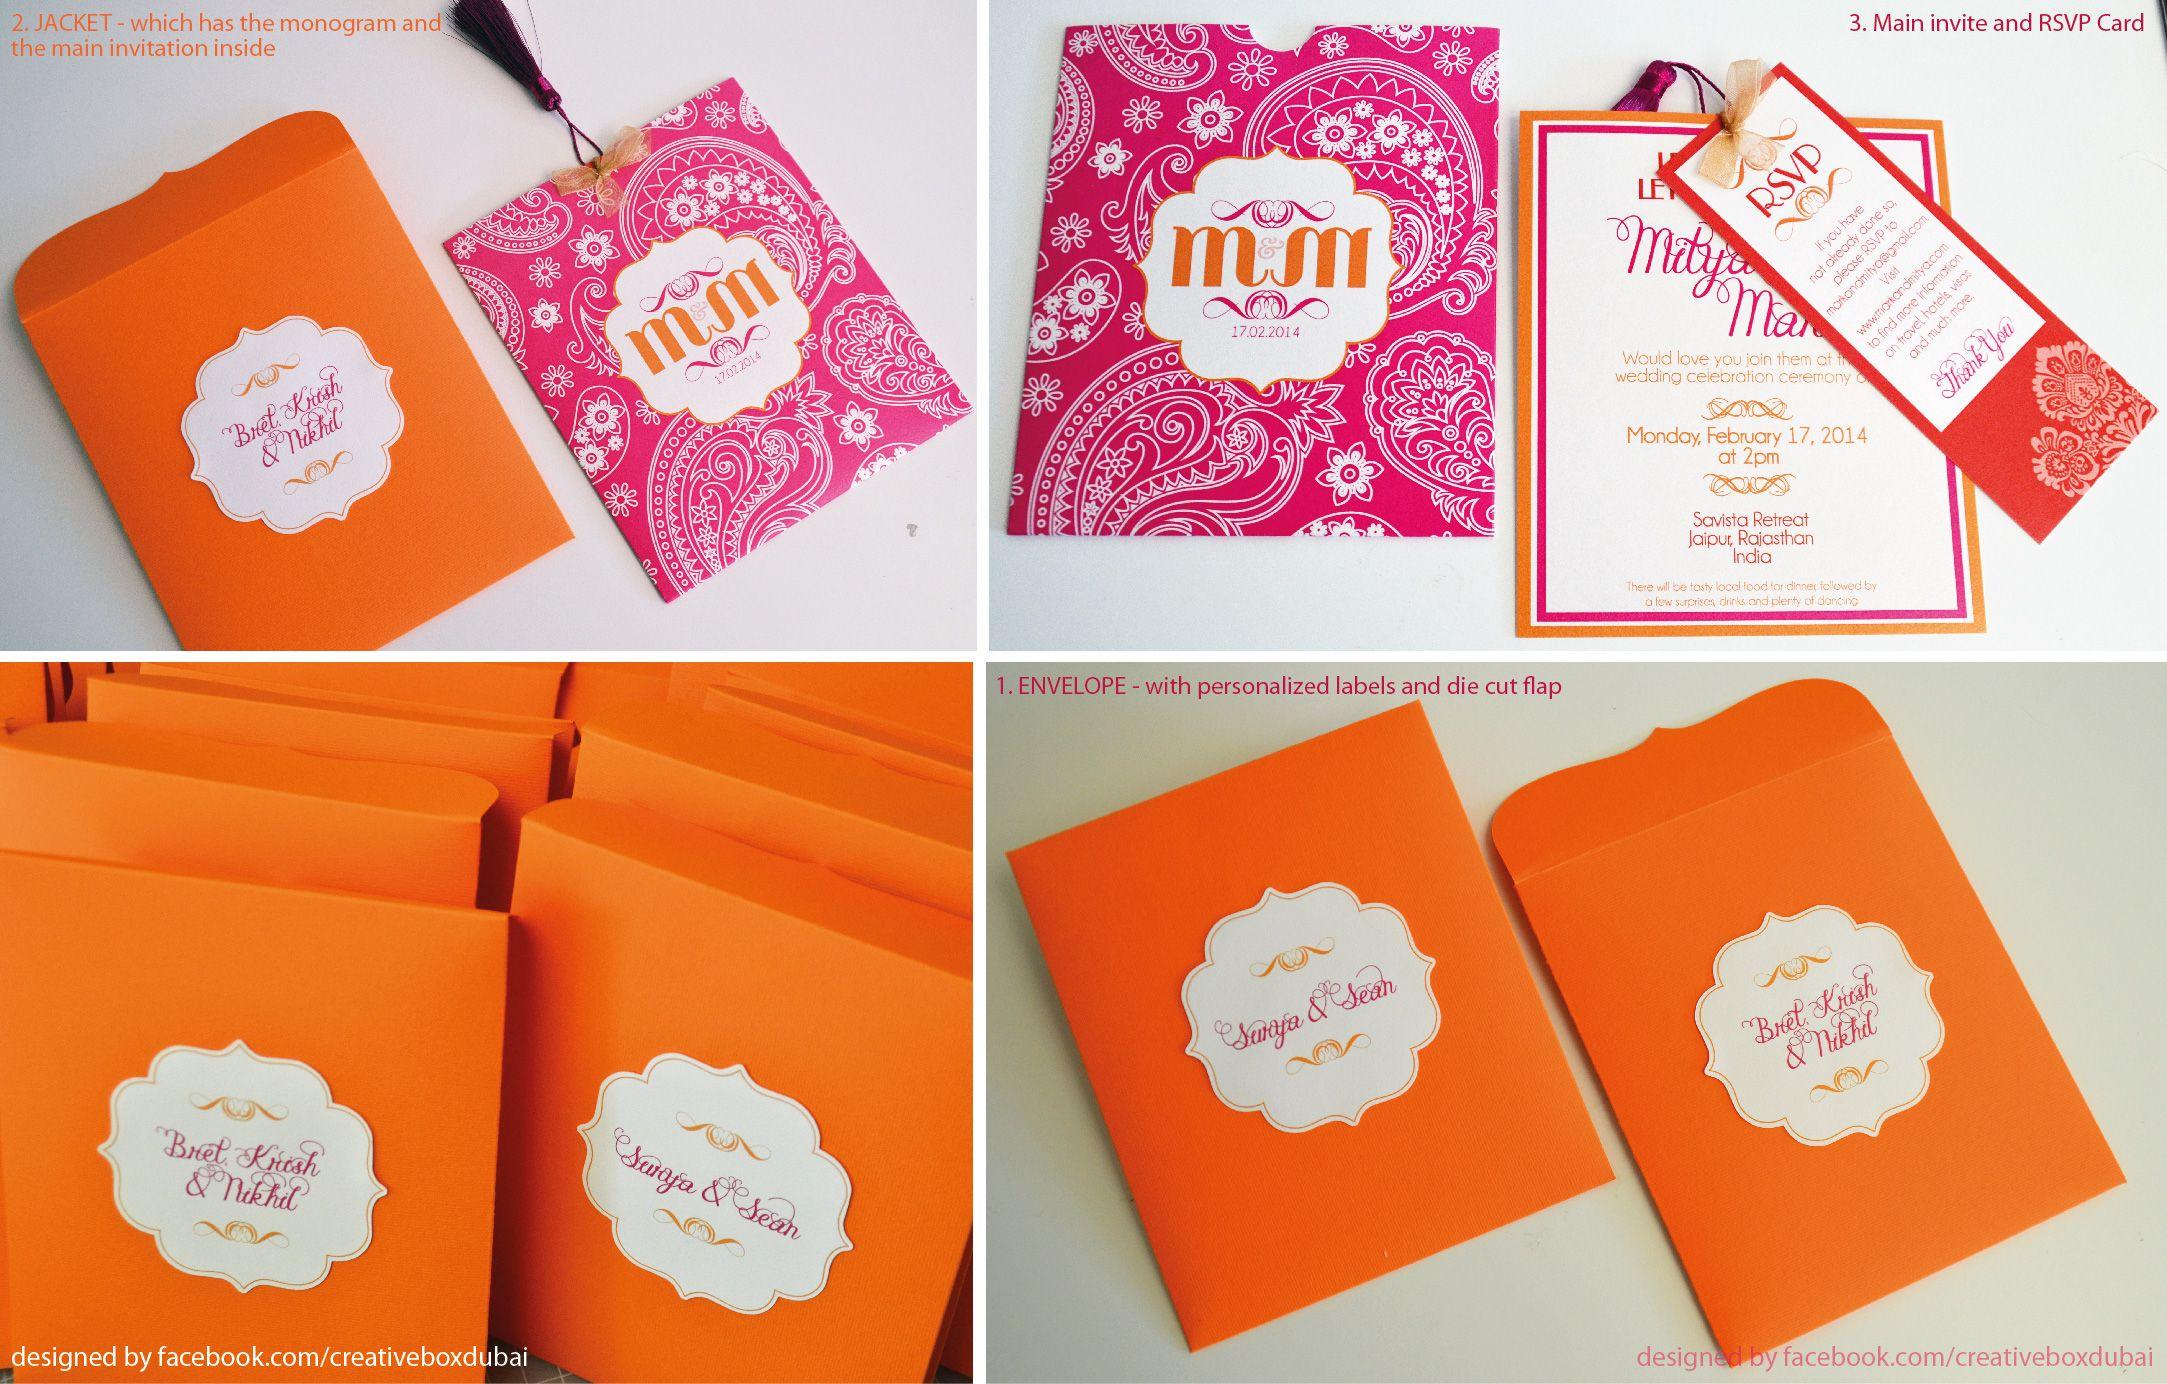 indian wedding invitations california%0A Wedding Invitation  bright colors  destination wedding in Jaipur  India     orange